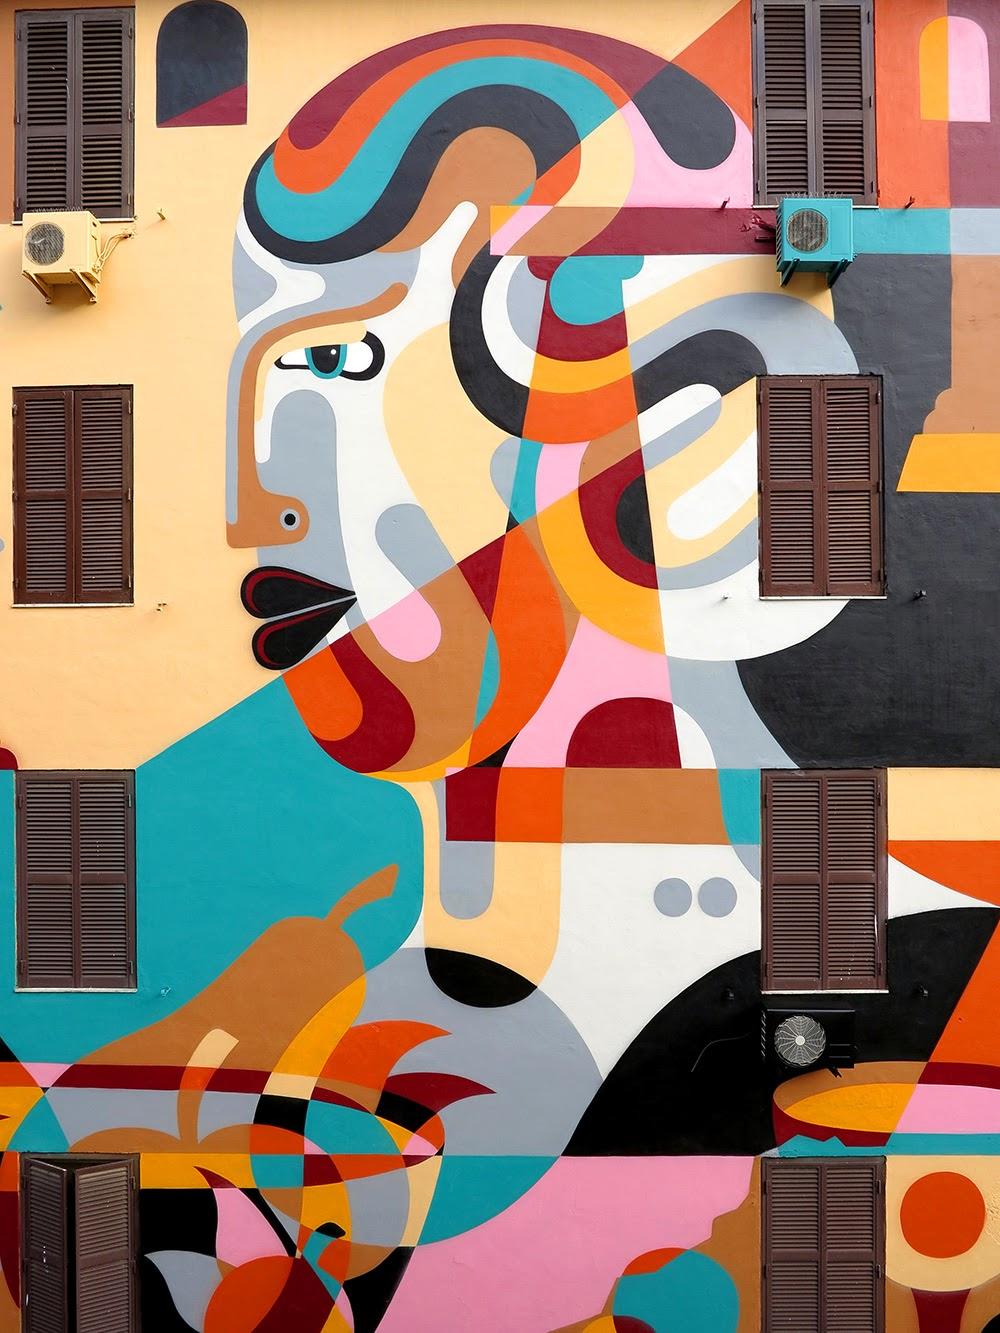 reka-new-mural-in-tor-marancia-rome-03